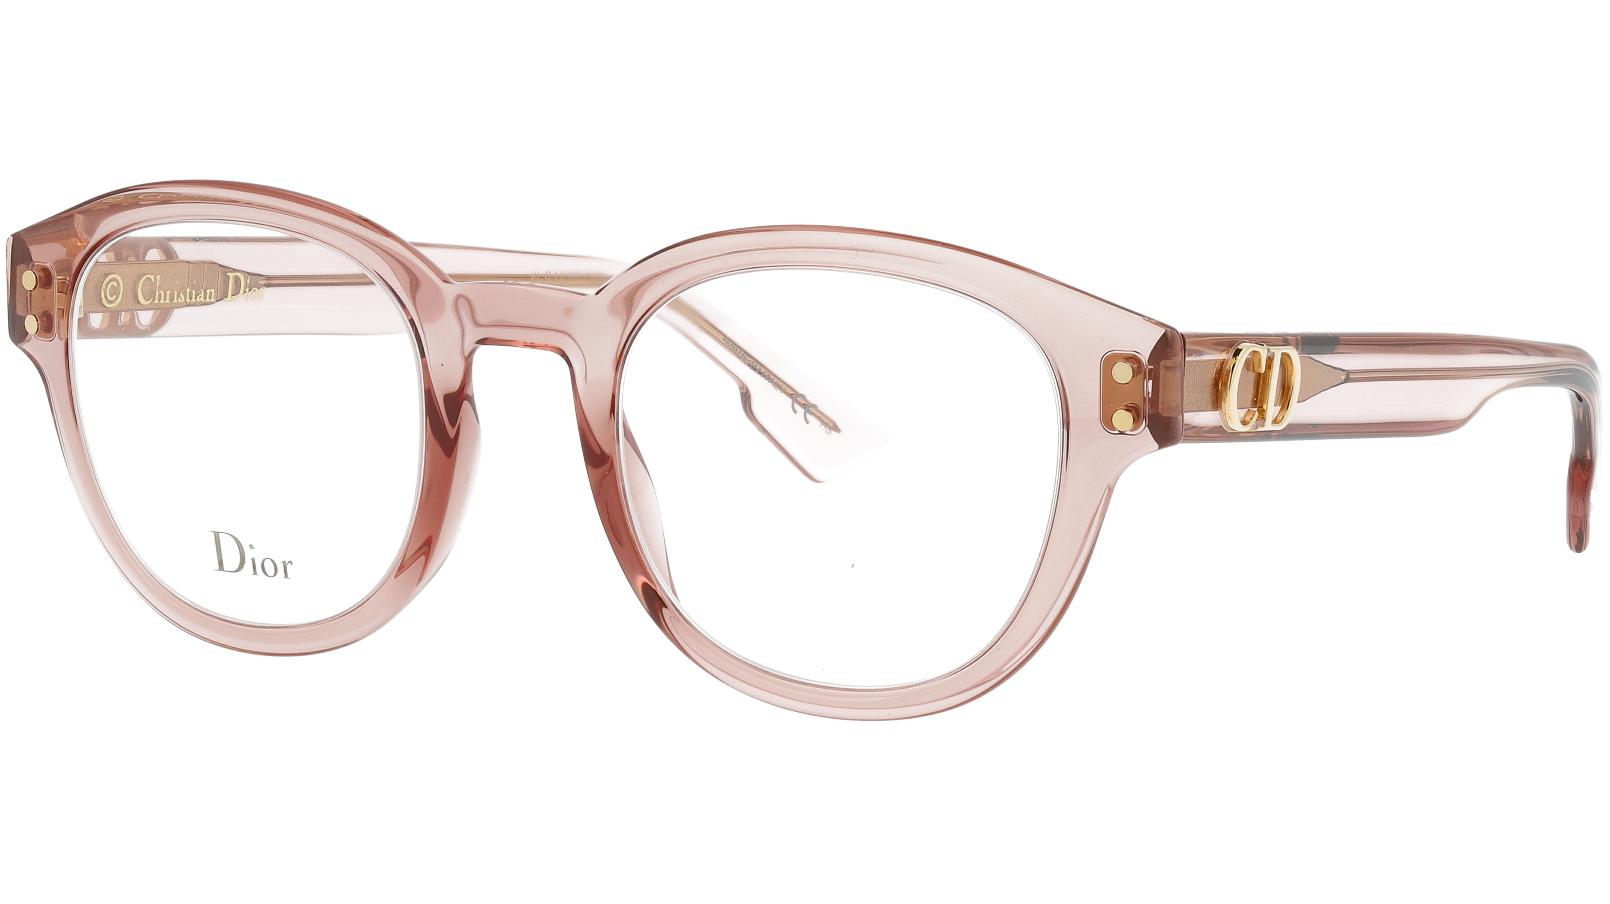 Dior CD2 FWM 46 Nude Glasses